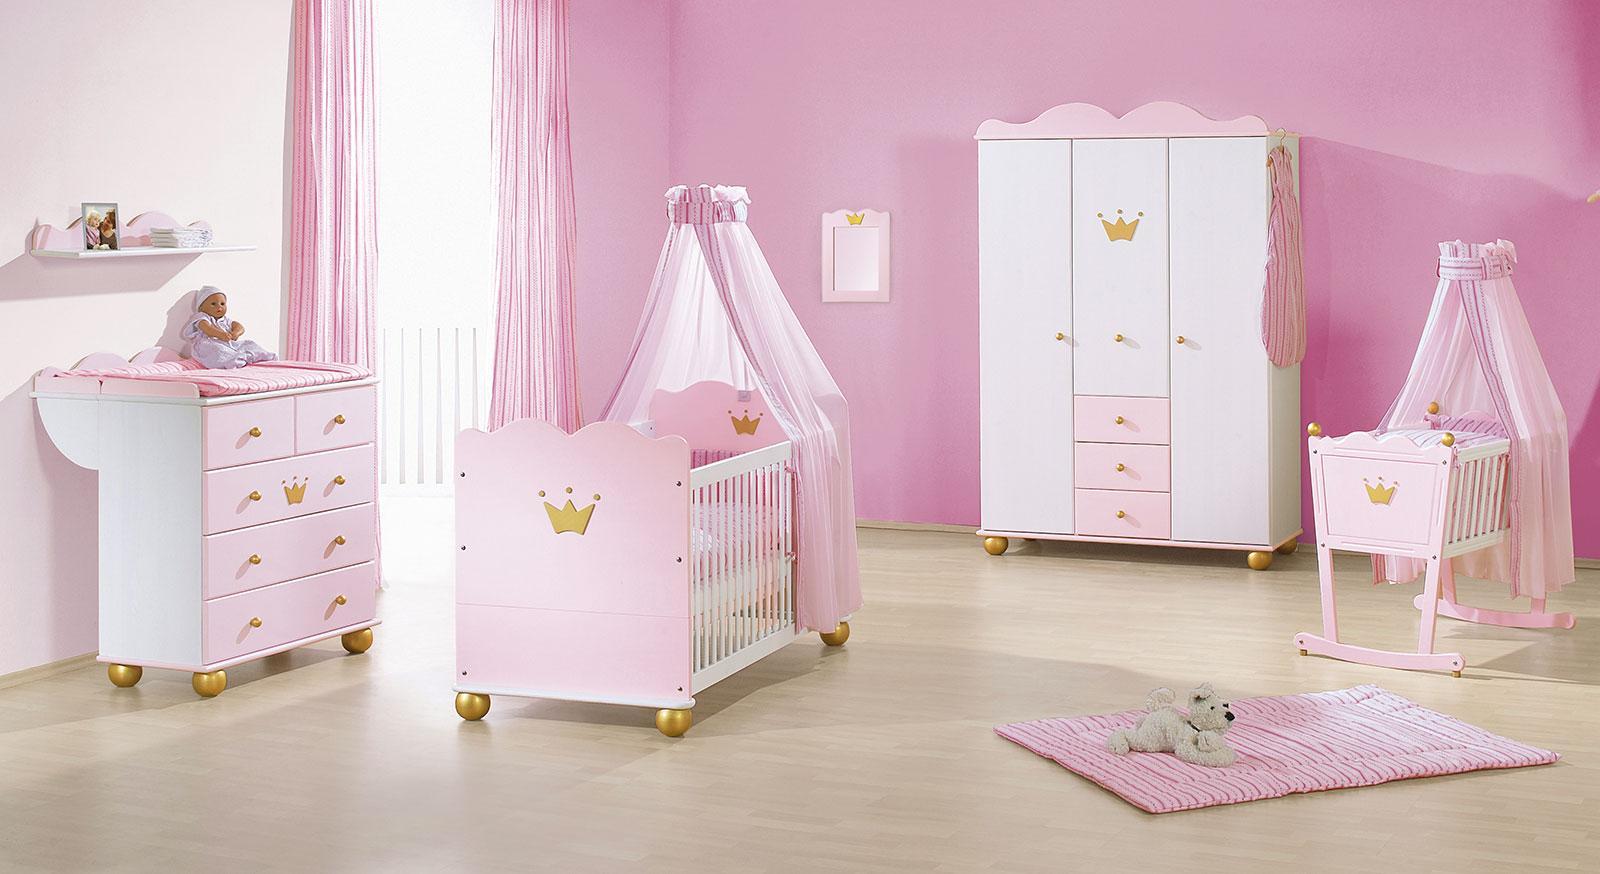 Kinder-Kleiderschrank in Rosa günstig kaufen - Prinzessin Karolin